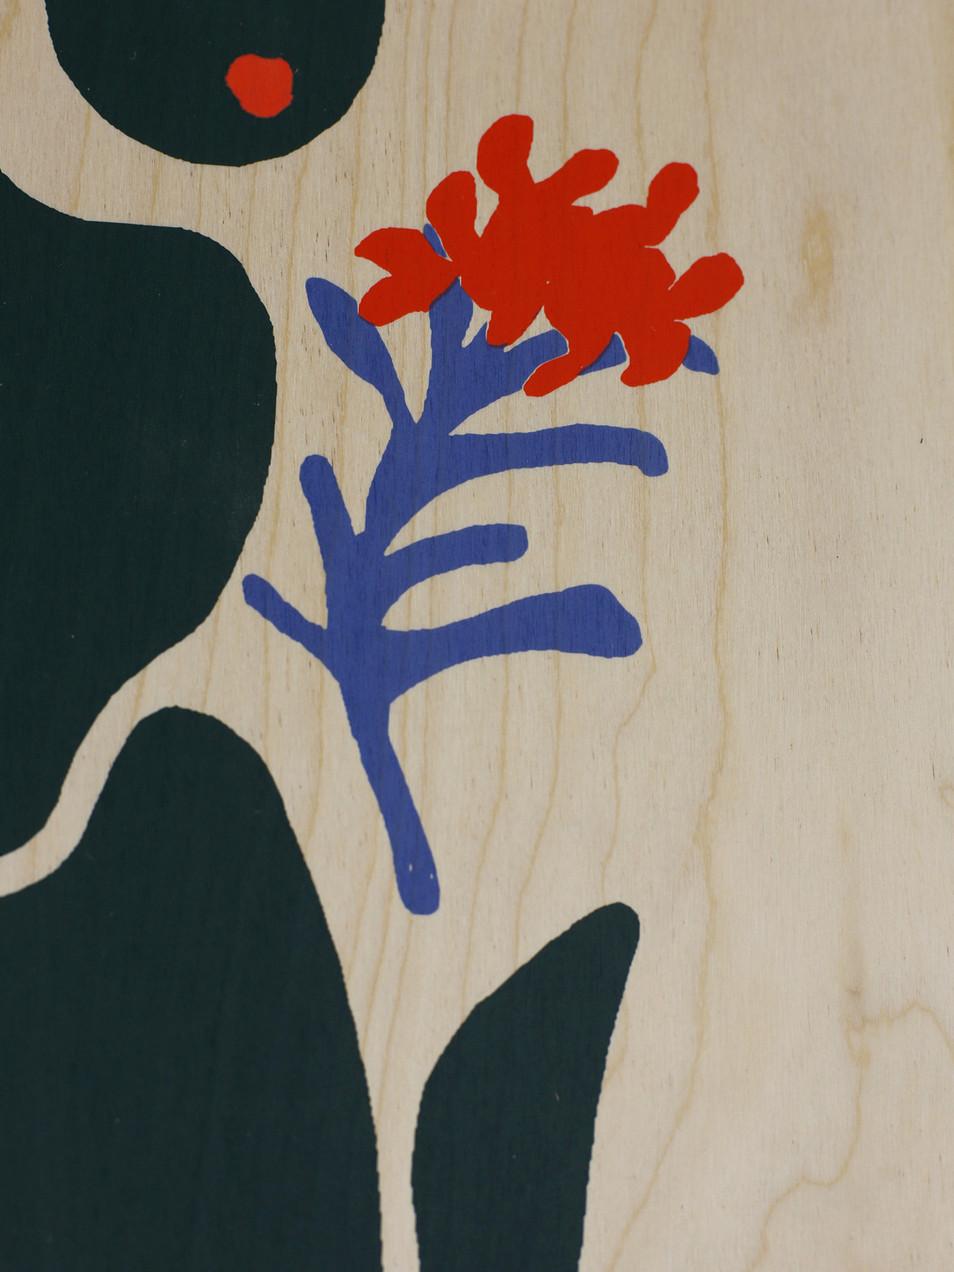 freshprints_32.jpg